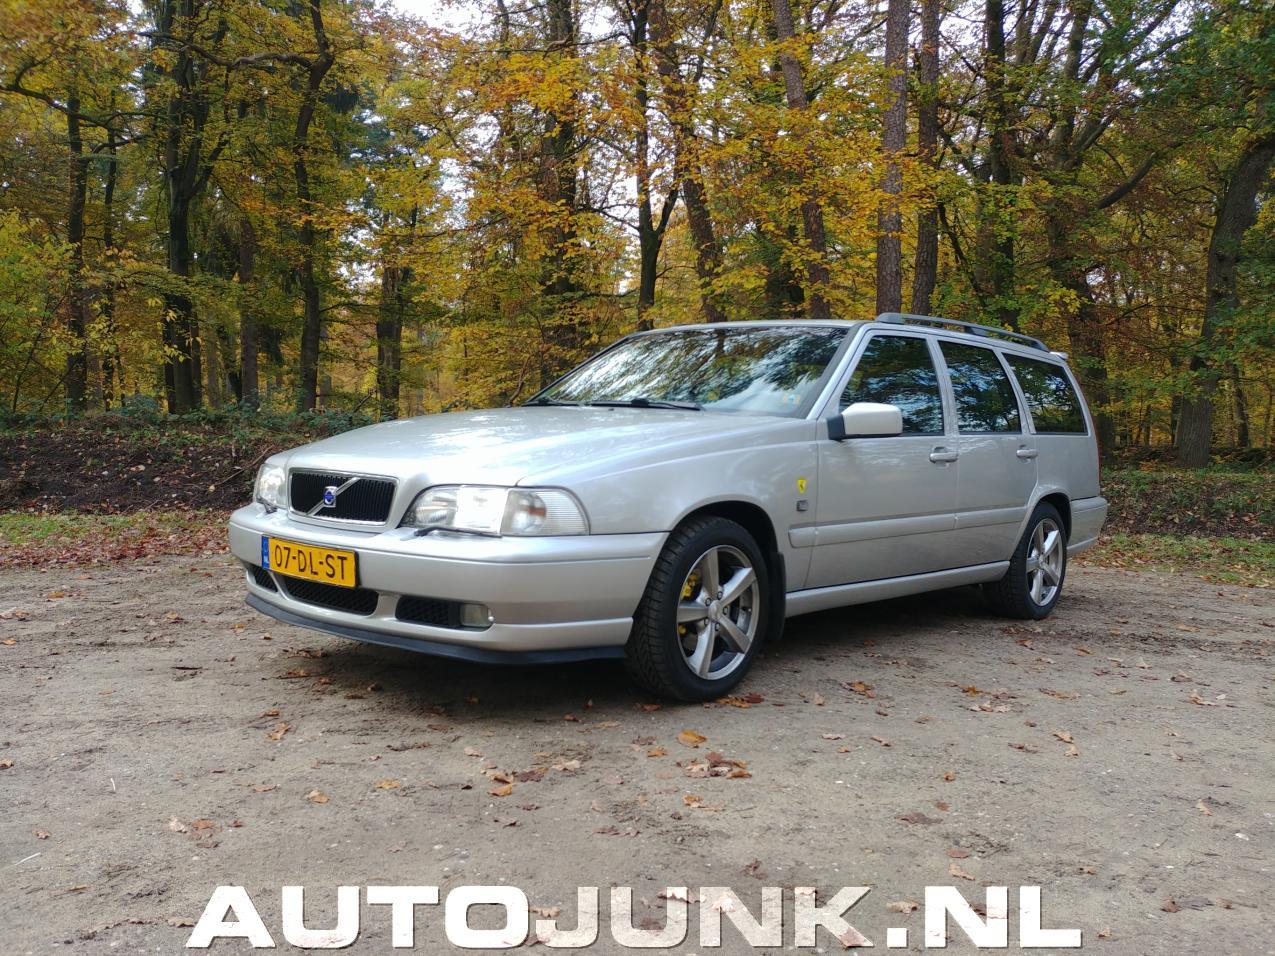 Eerste Auto Fotos Autojunknl 229731